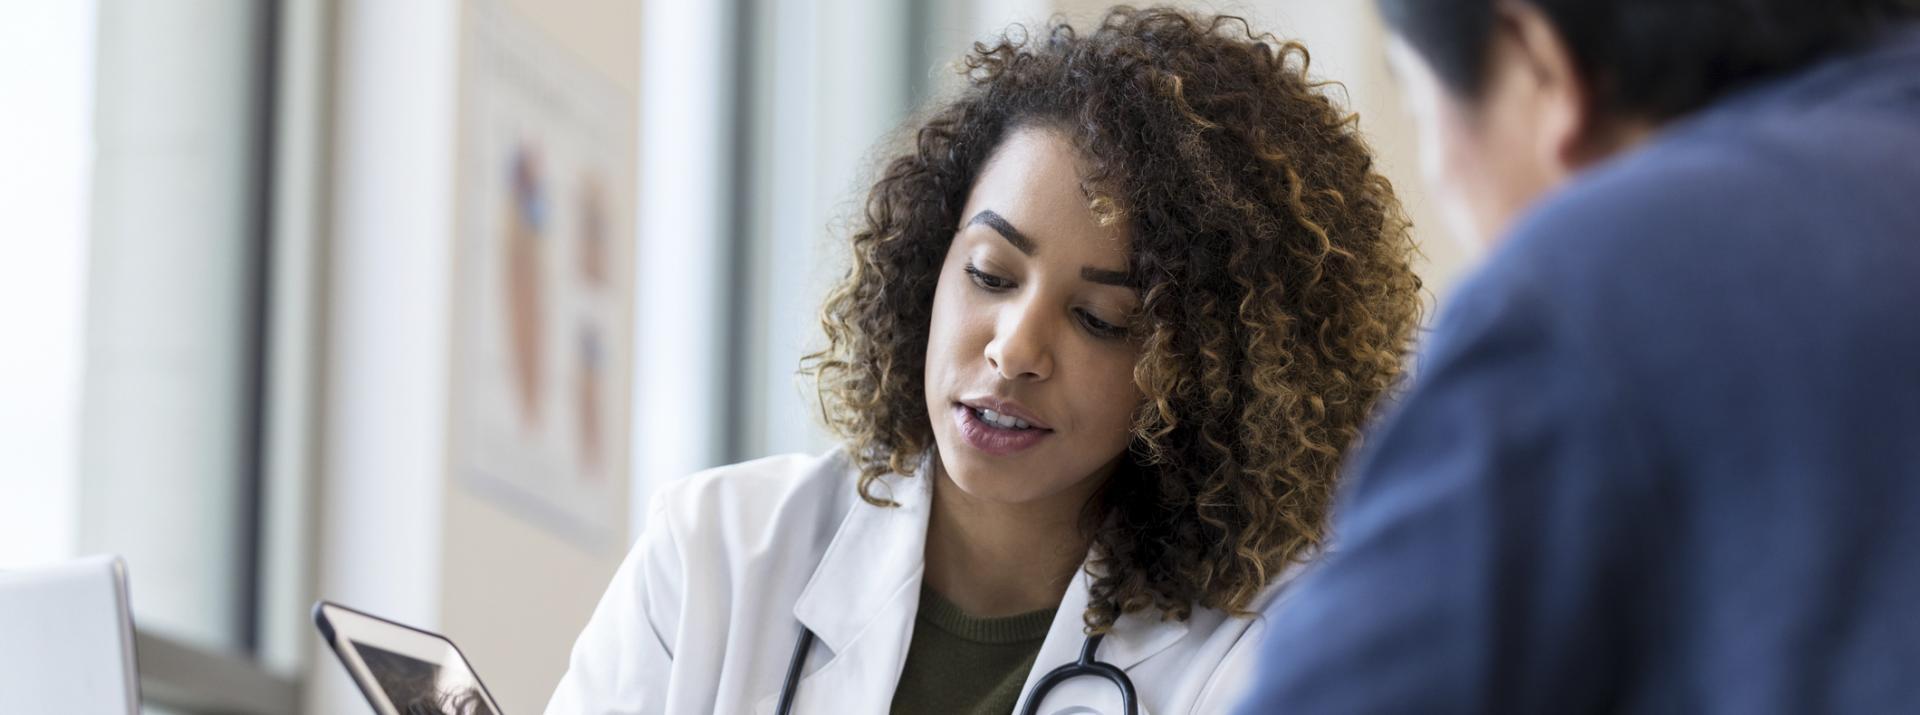 Behandlungsziele in der LDL-C-Therapie